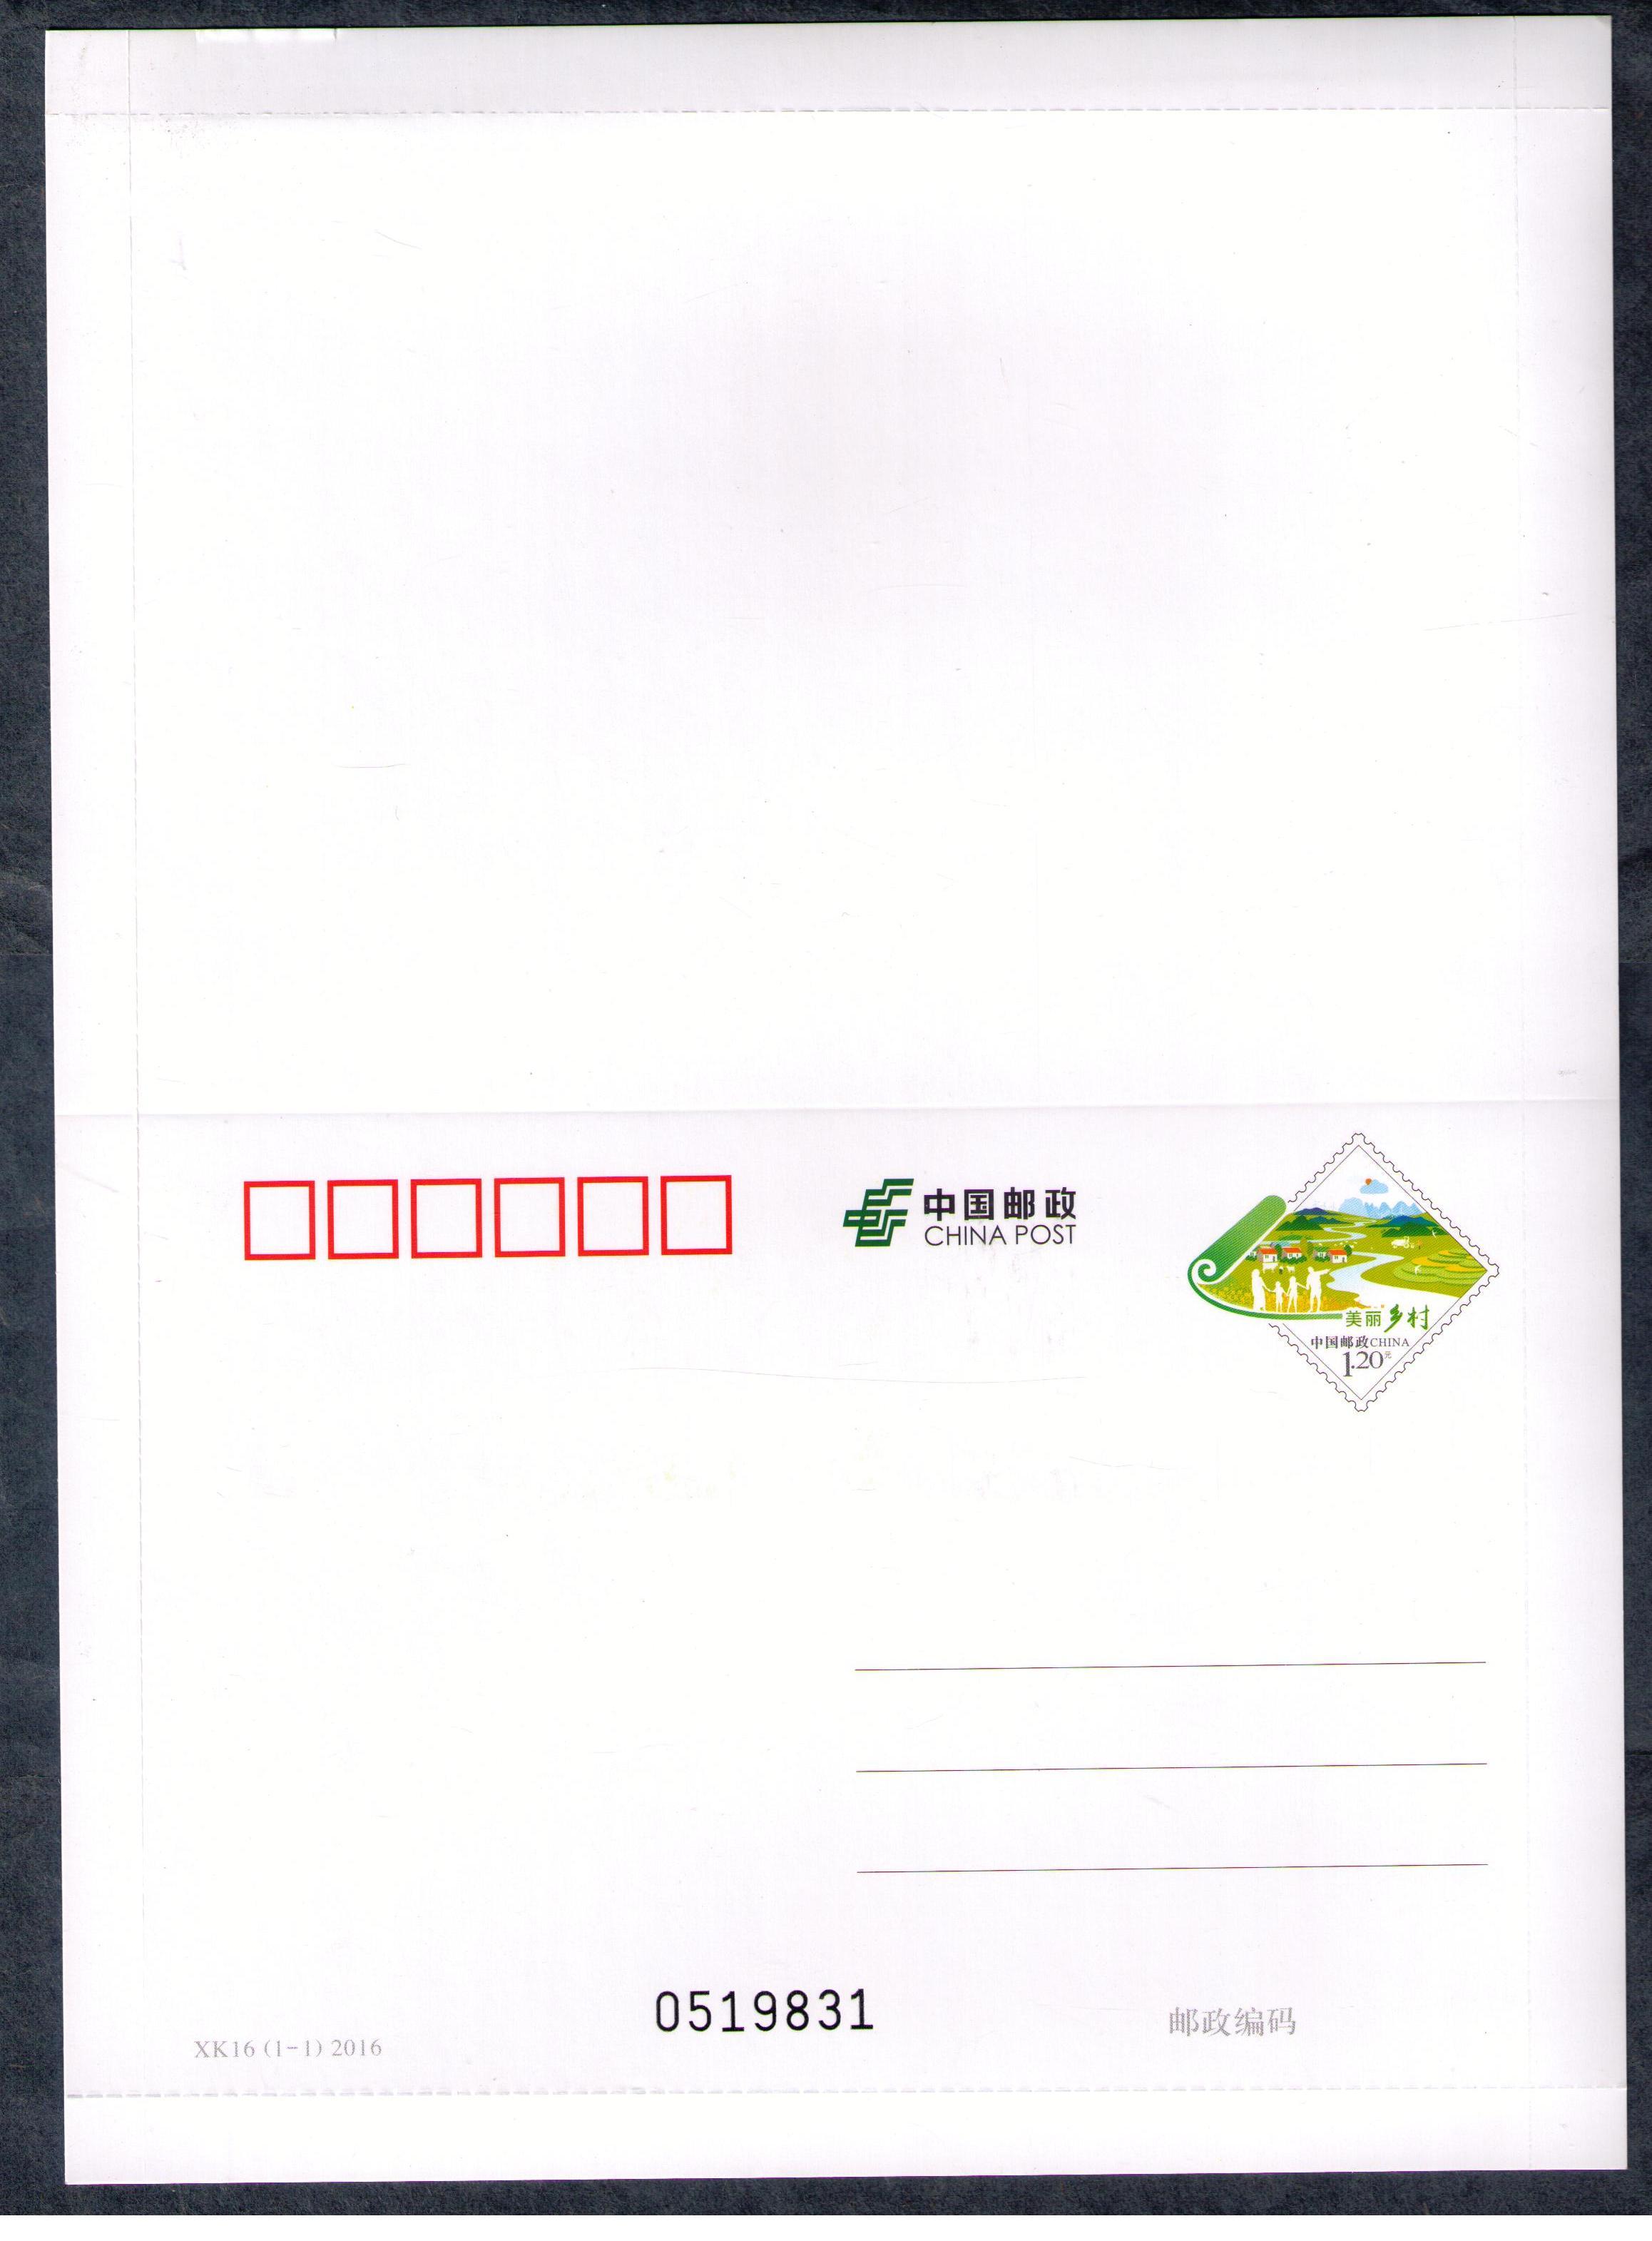 """XK16 """" красивый страна """" генерал почта капитал письмо карта 1.2 юань белая карта 2016 новый год выпущен почта офис сейчас в надичии"""